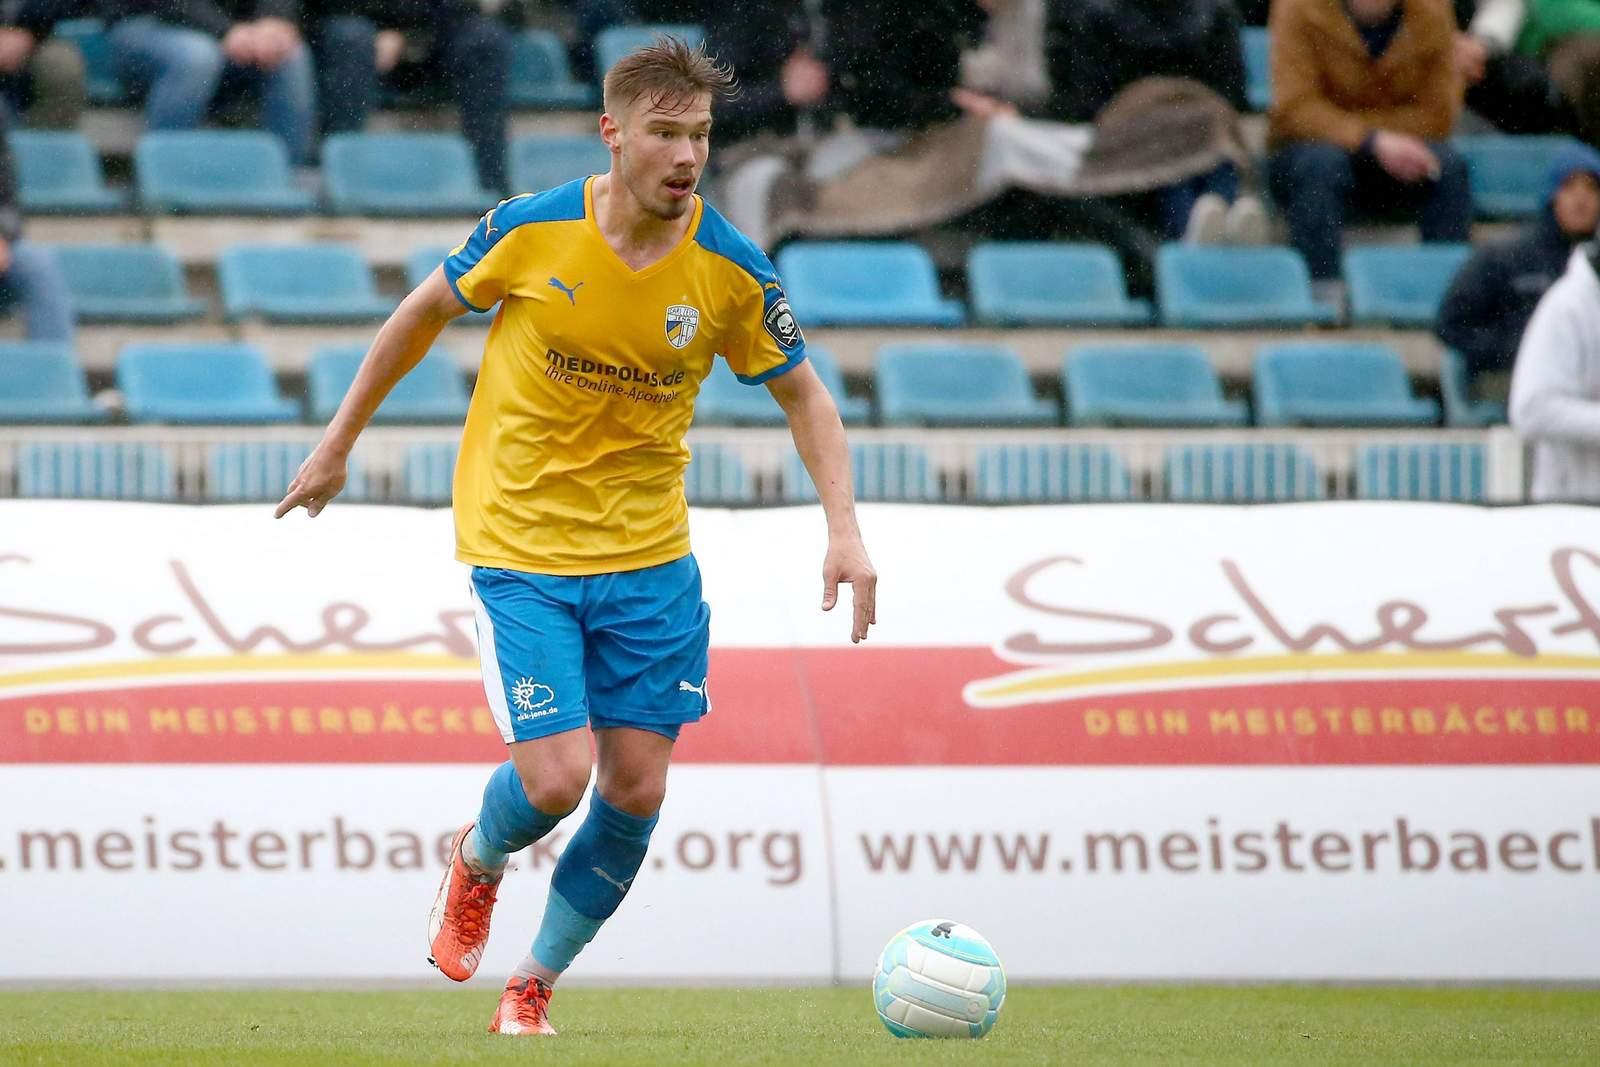 Verkorkste Saison: FCC-Mittelfeldspieler Niclas Erlbeck